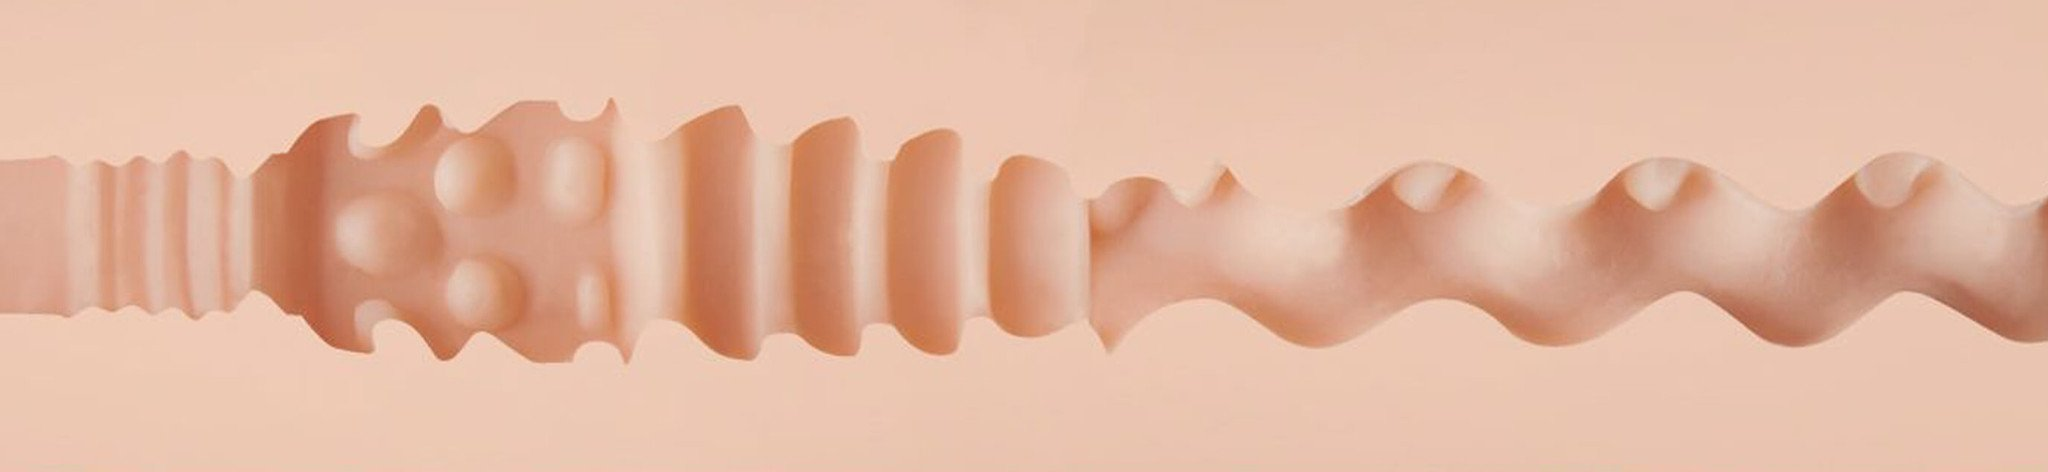 Misfit-Scorpio Texture Image